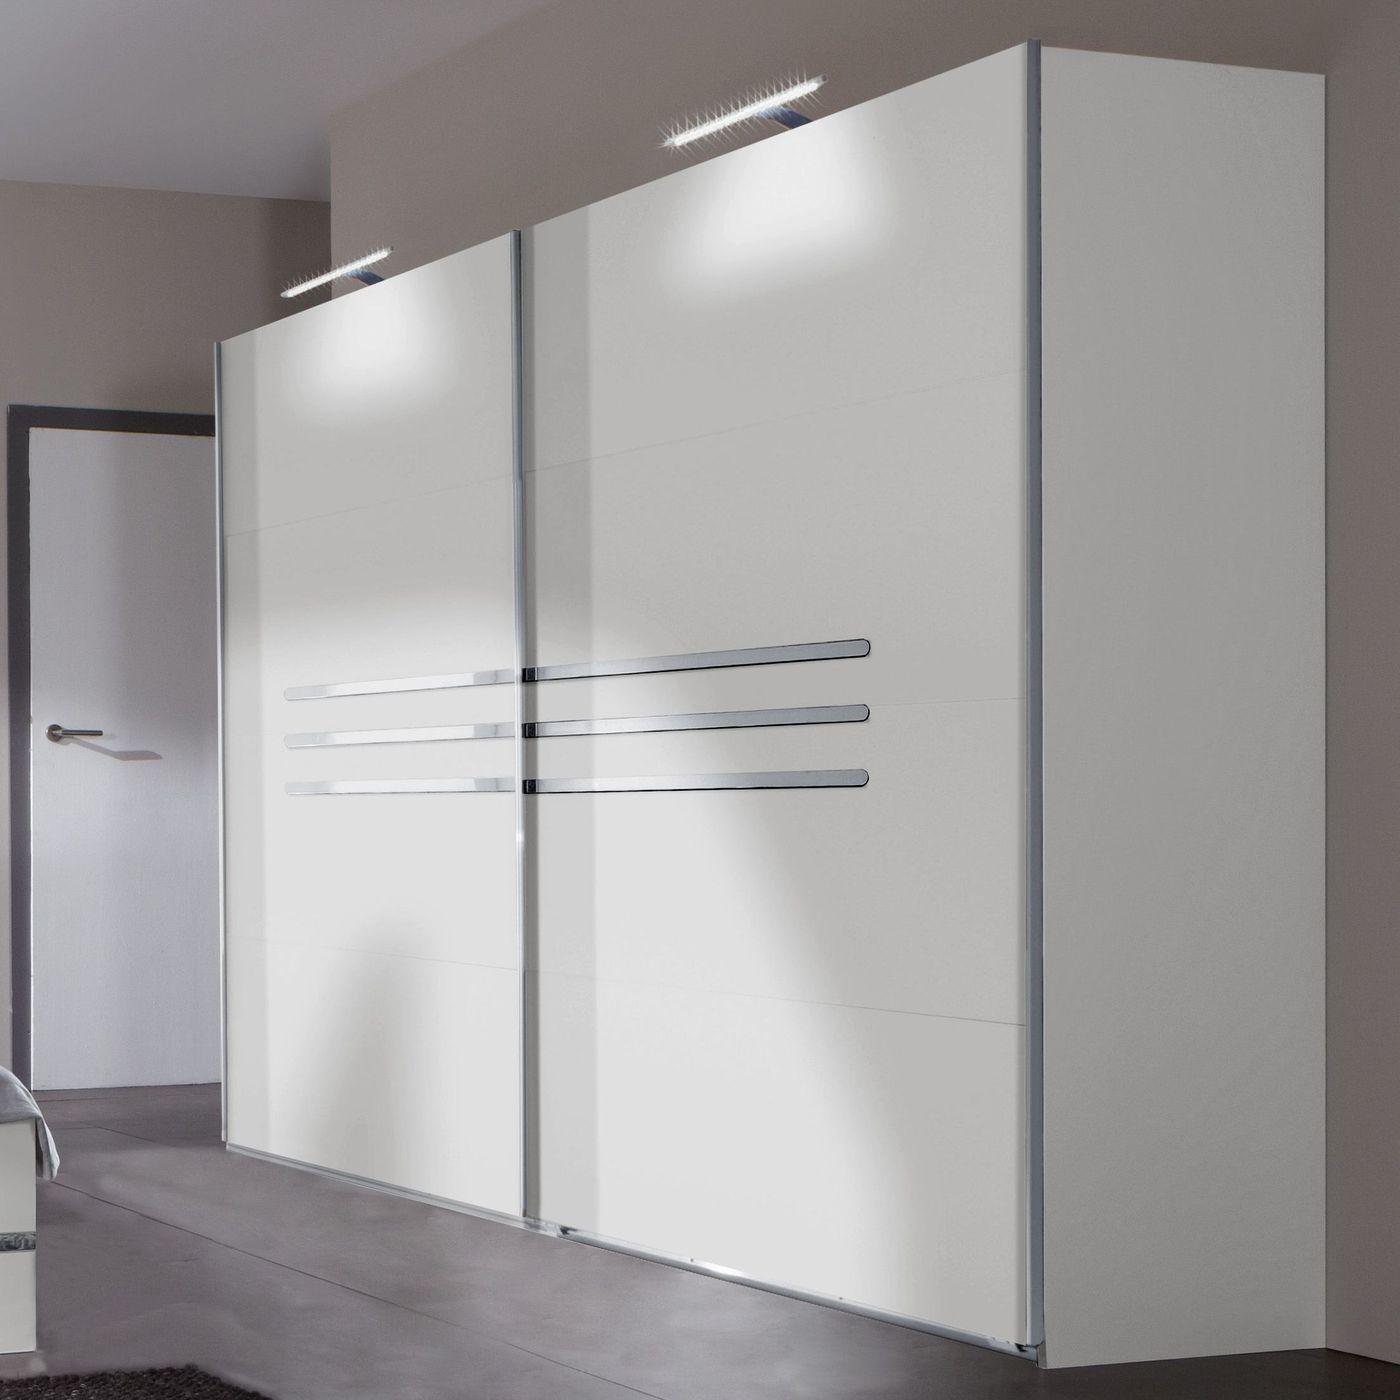 225 cm breiter schwebet renschrank wei mit zierleisten manati. Black Bedroom Furniture Sets. Home Design Ideas